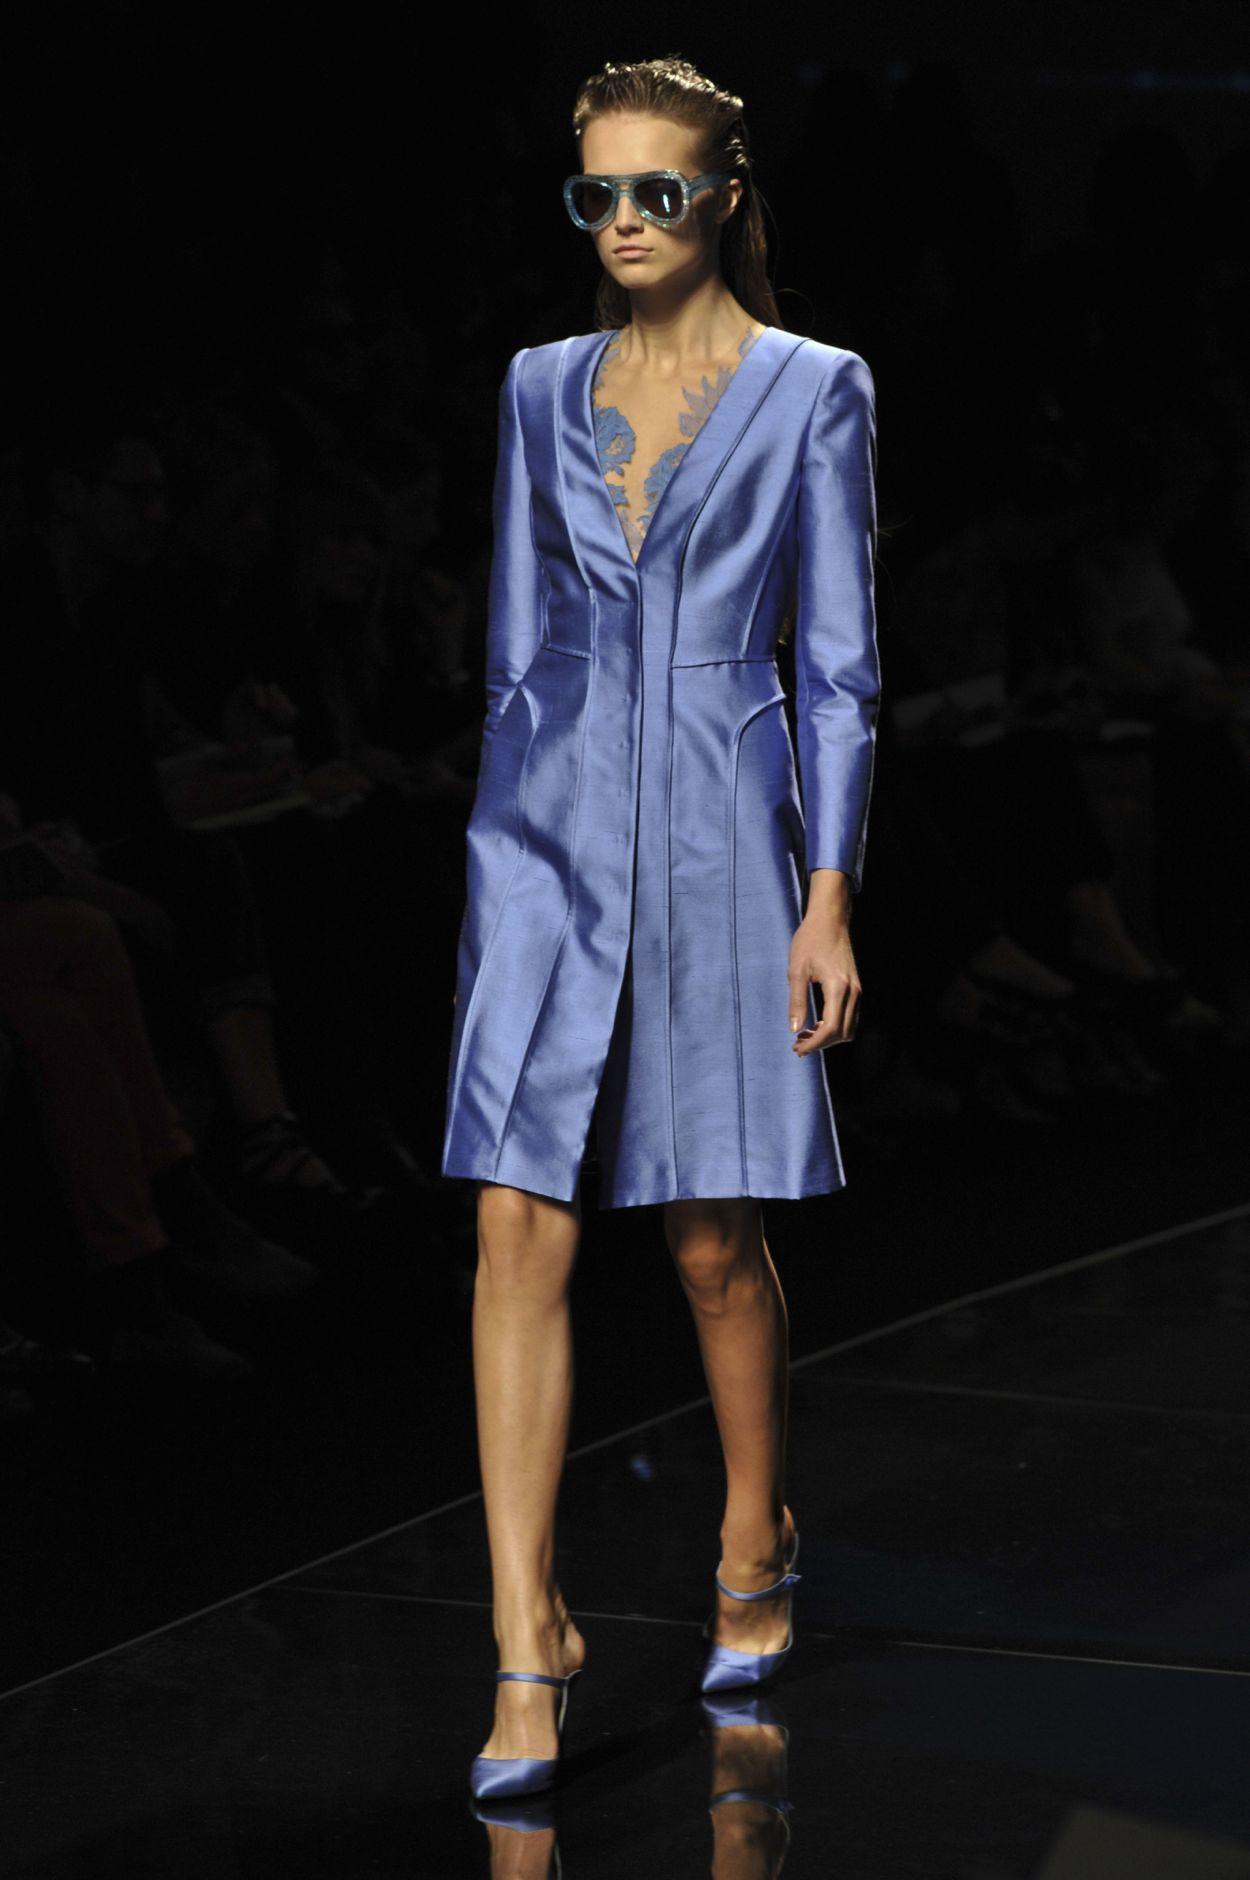 Alberta Ferretti Spring Summer 2013 Milano Fashion Week